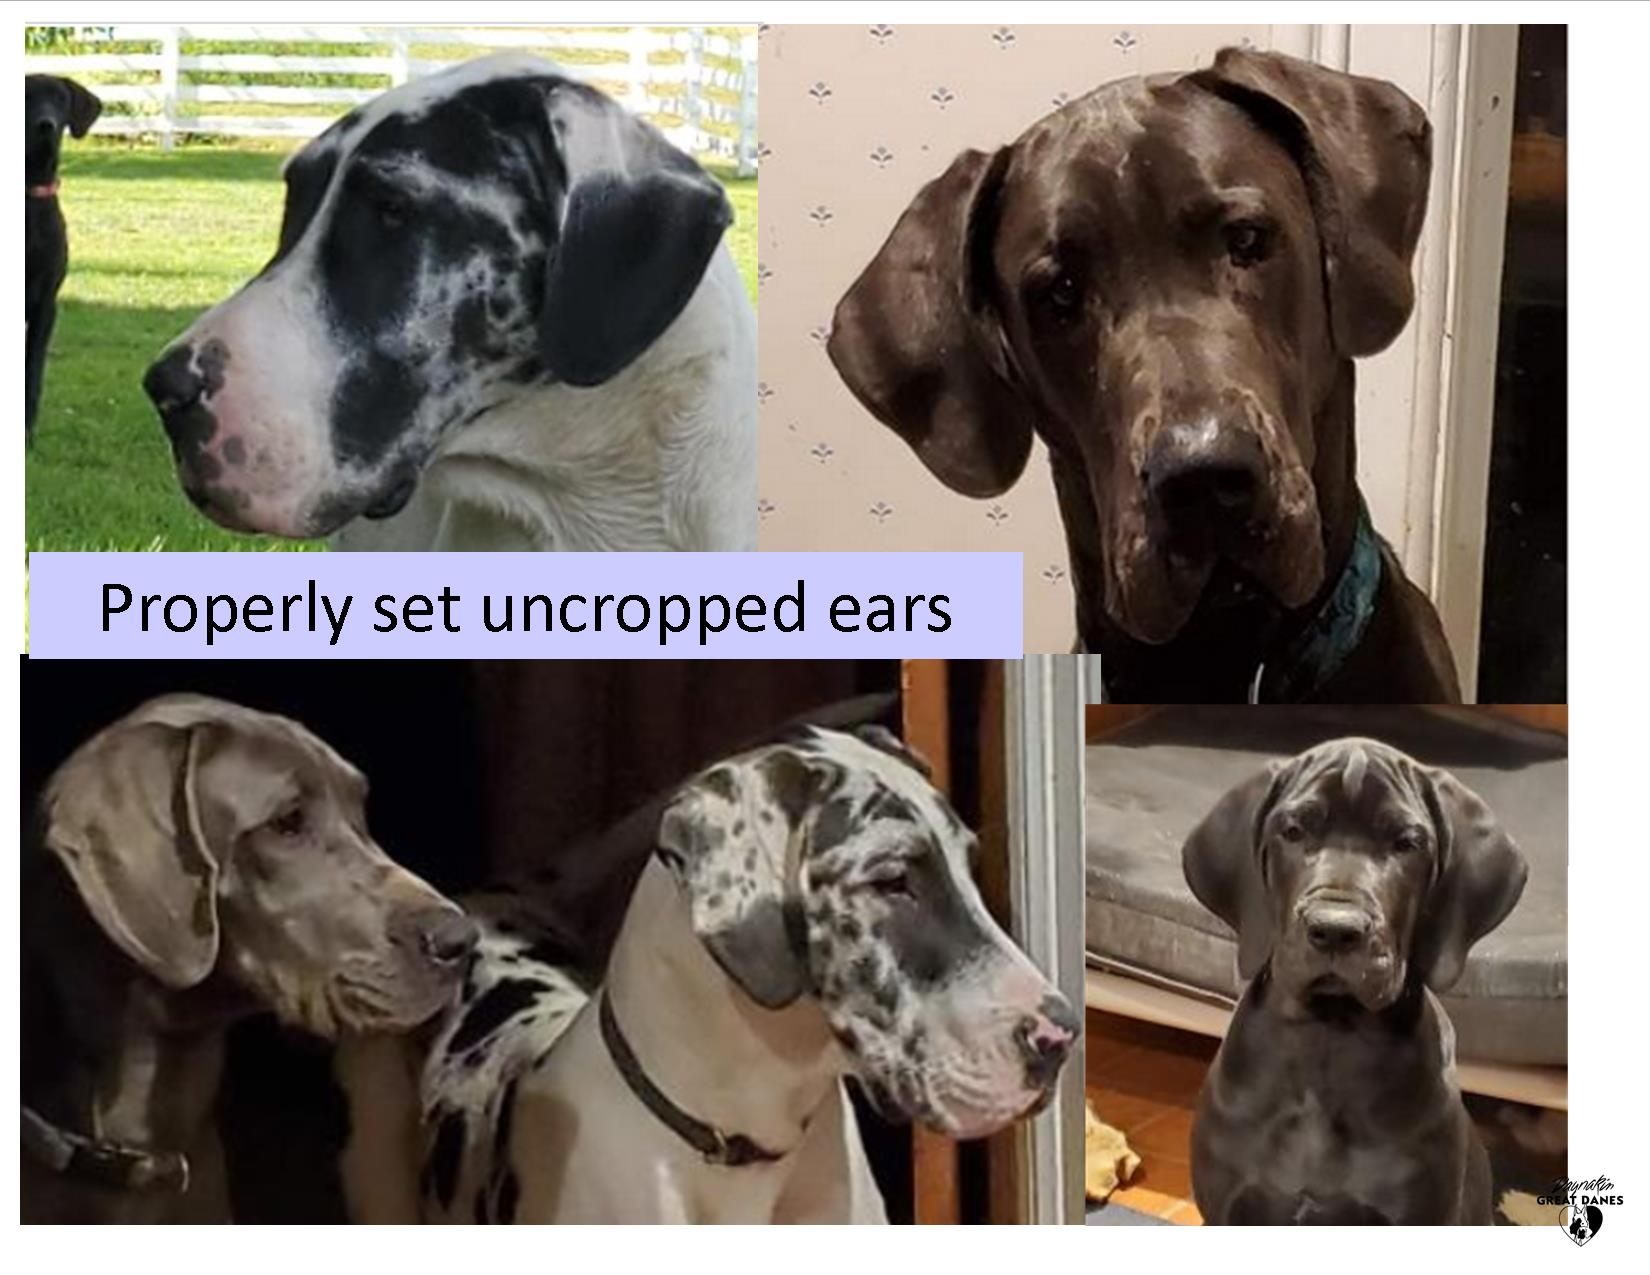 Proper uncropped ears